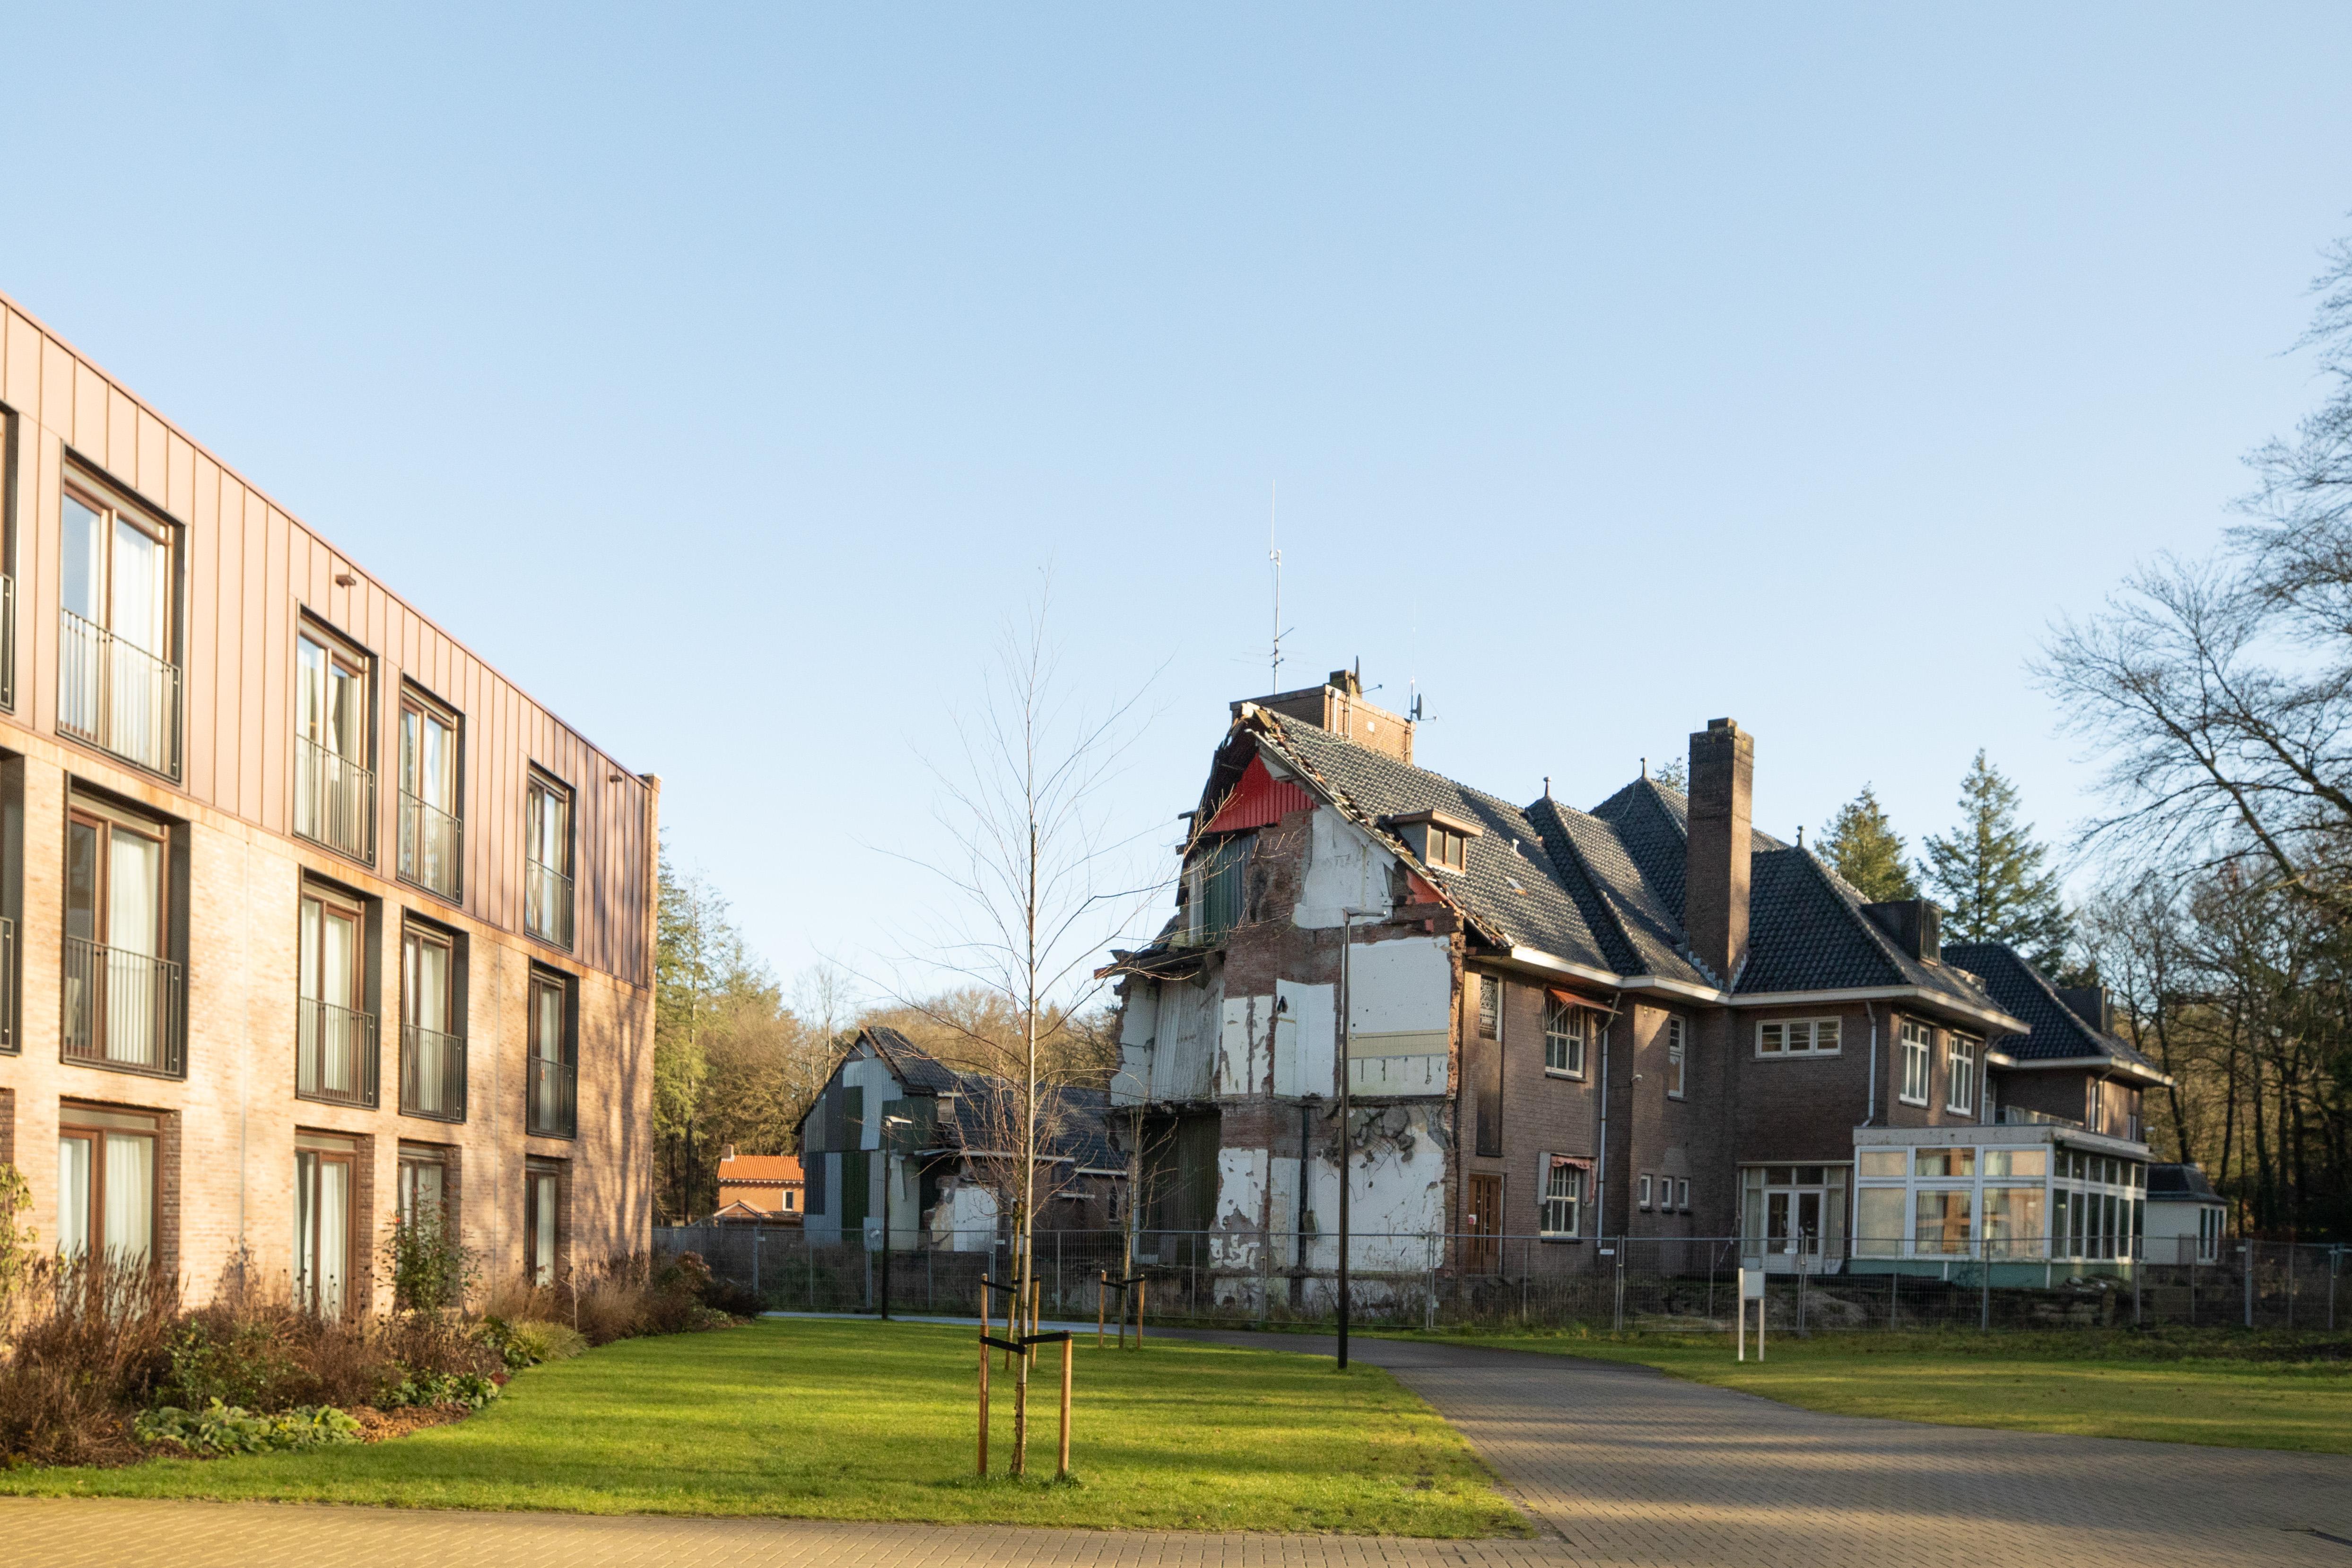 Lage Vuursche mort over 'geamputeerd oud klooster, een lelijk litteken'; CDA dringt aan op handhaving door Baarn